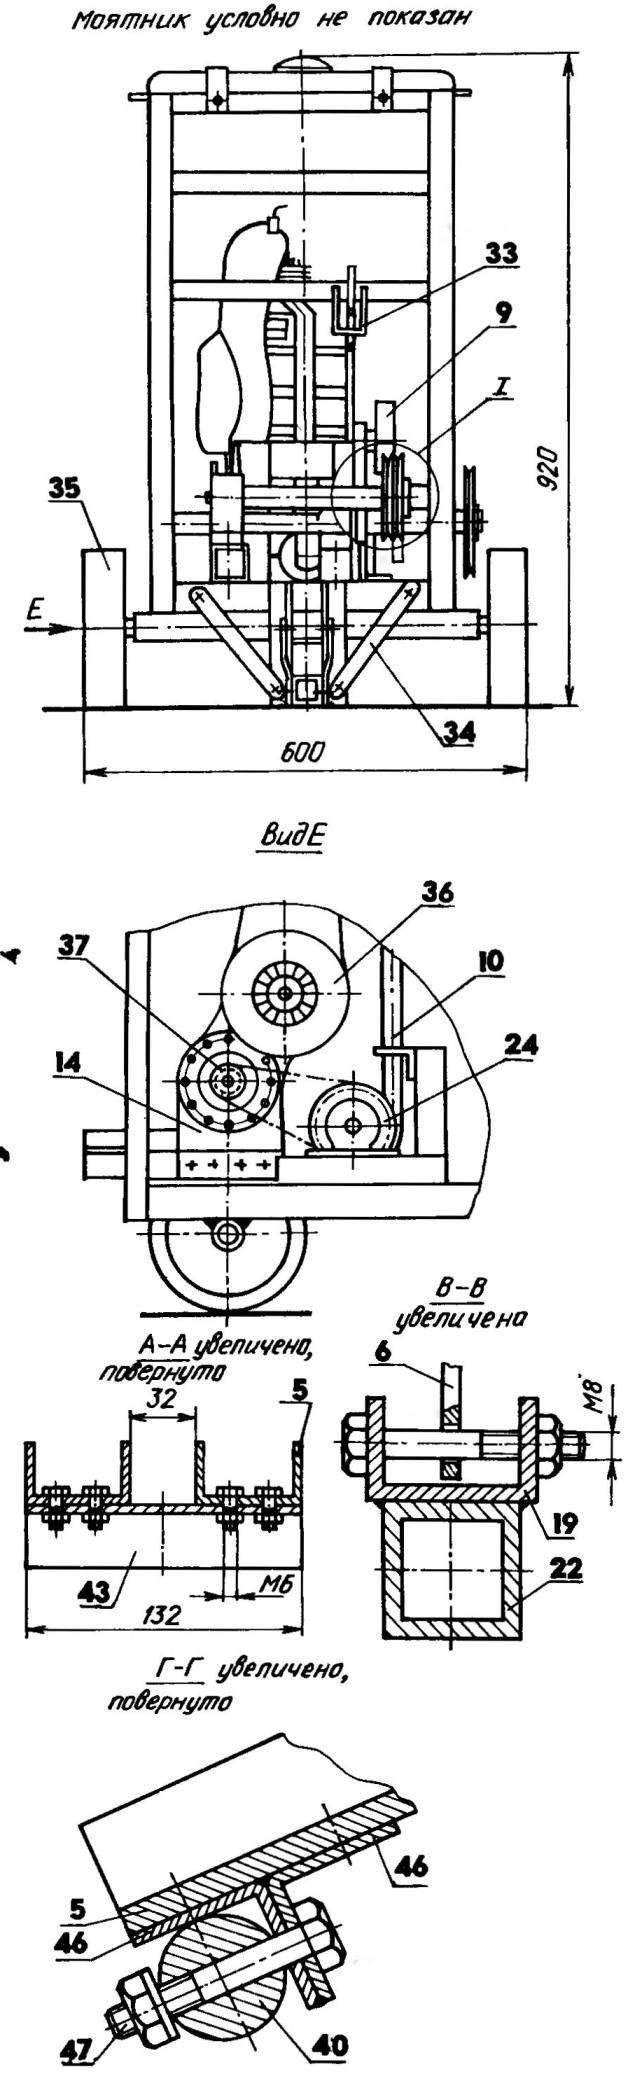 Маятниковая пила (агрегаты двигателя, трубопроводы и электропроводка условно ие показаны)